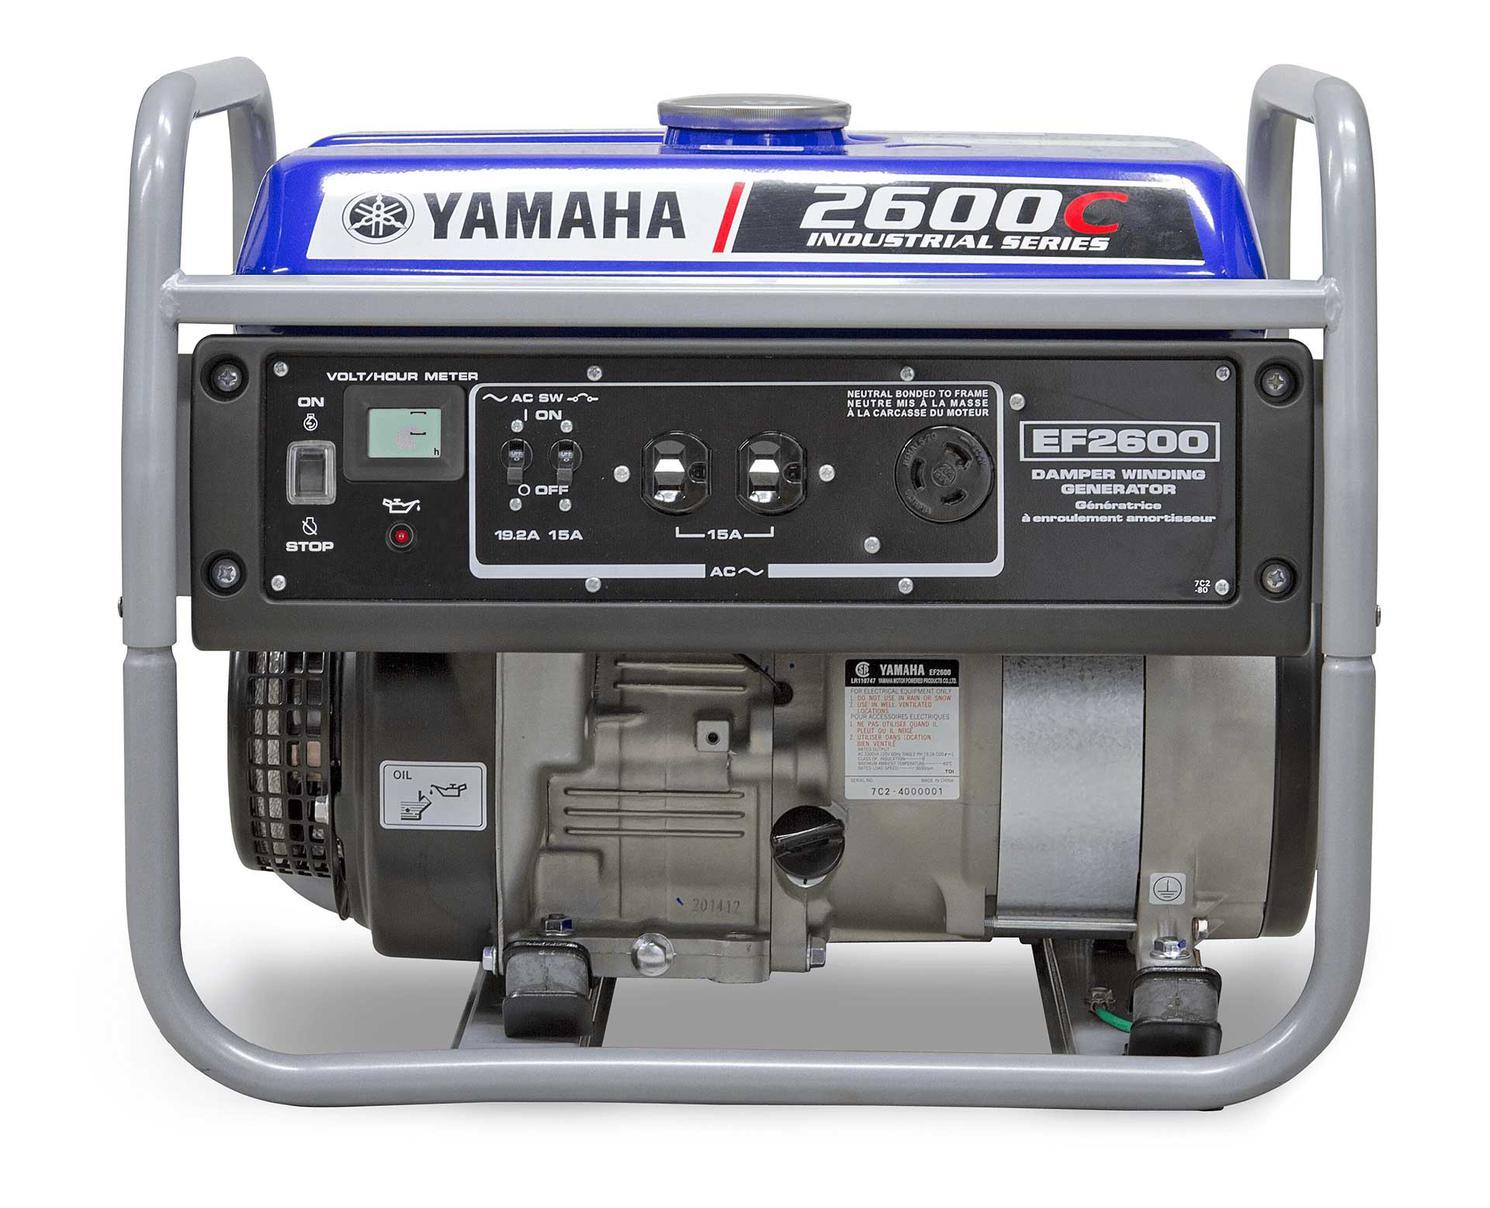 Yamaha Génératrices de prestige EF2600C 2021